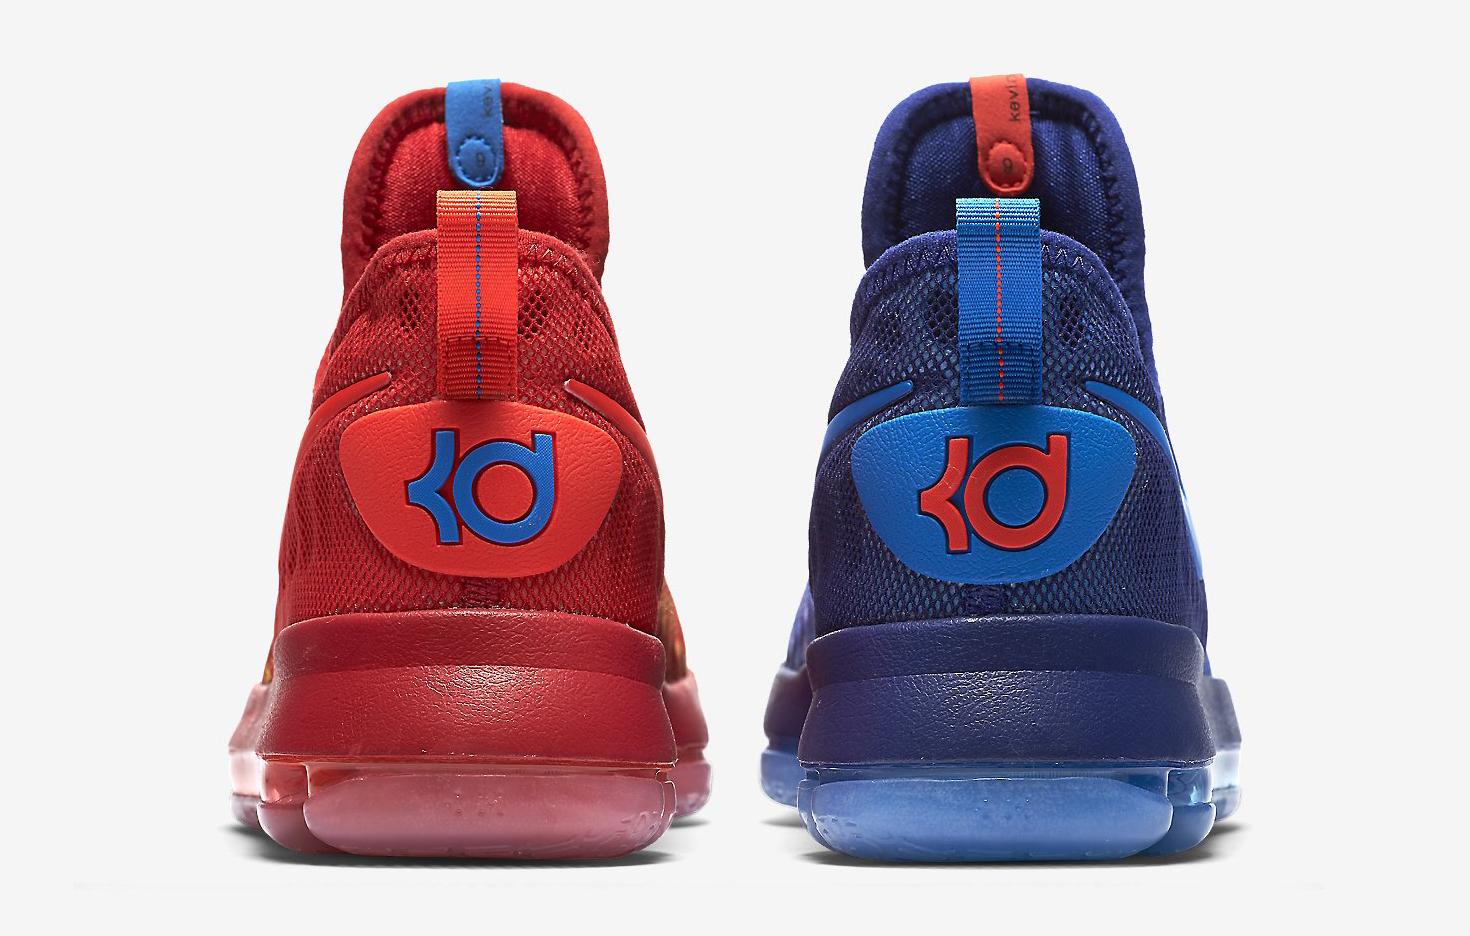 Image via Nike Nike KD 9 Fire Ice 855908-400 Heel